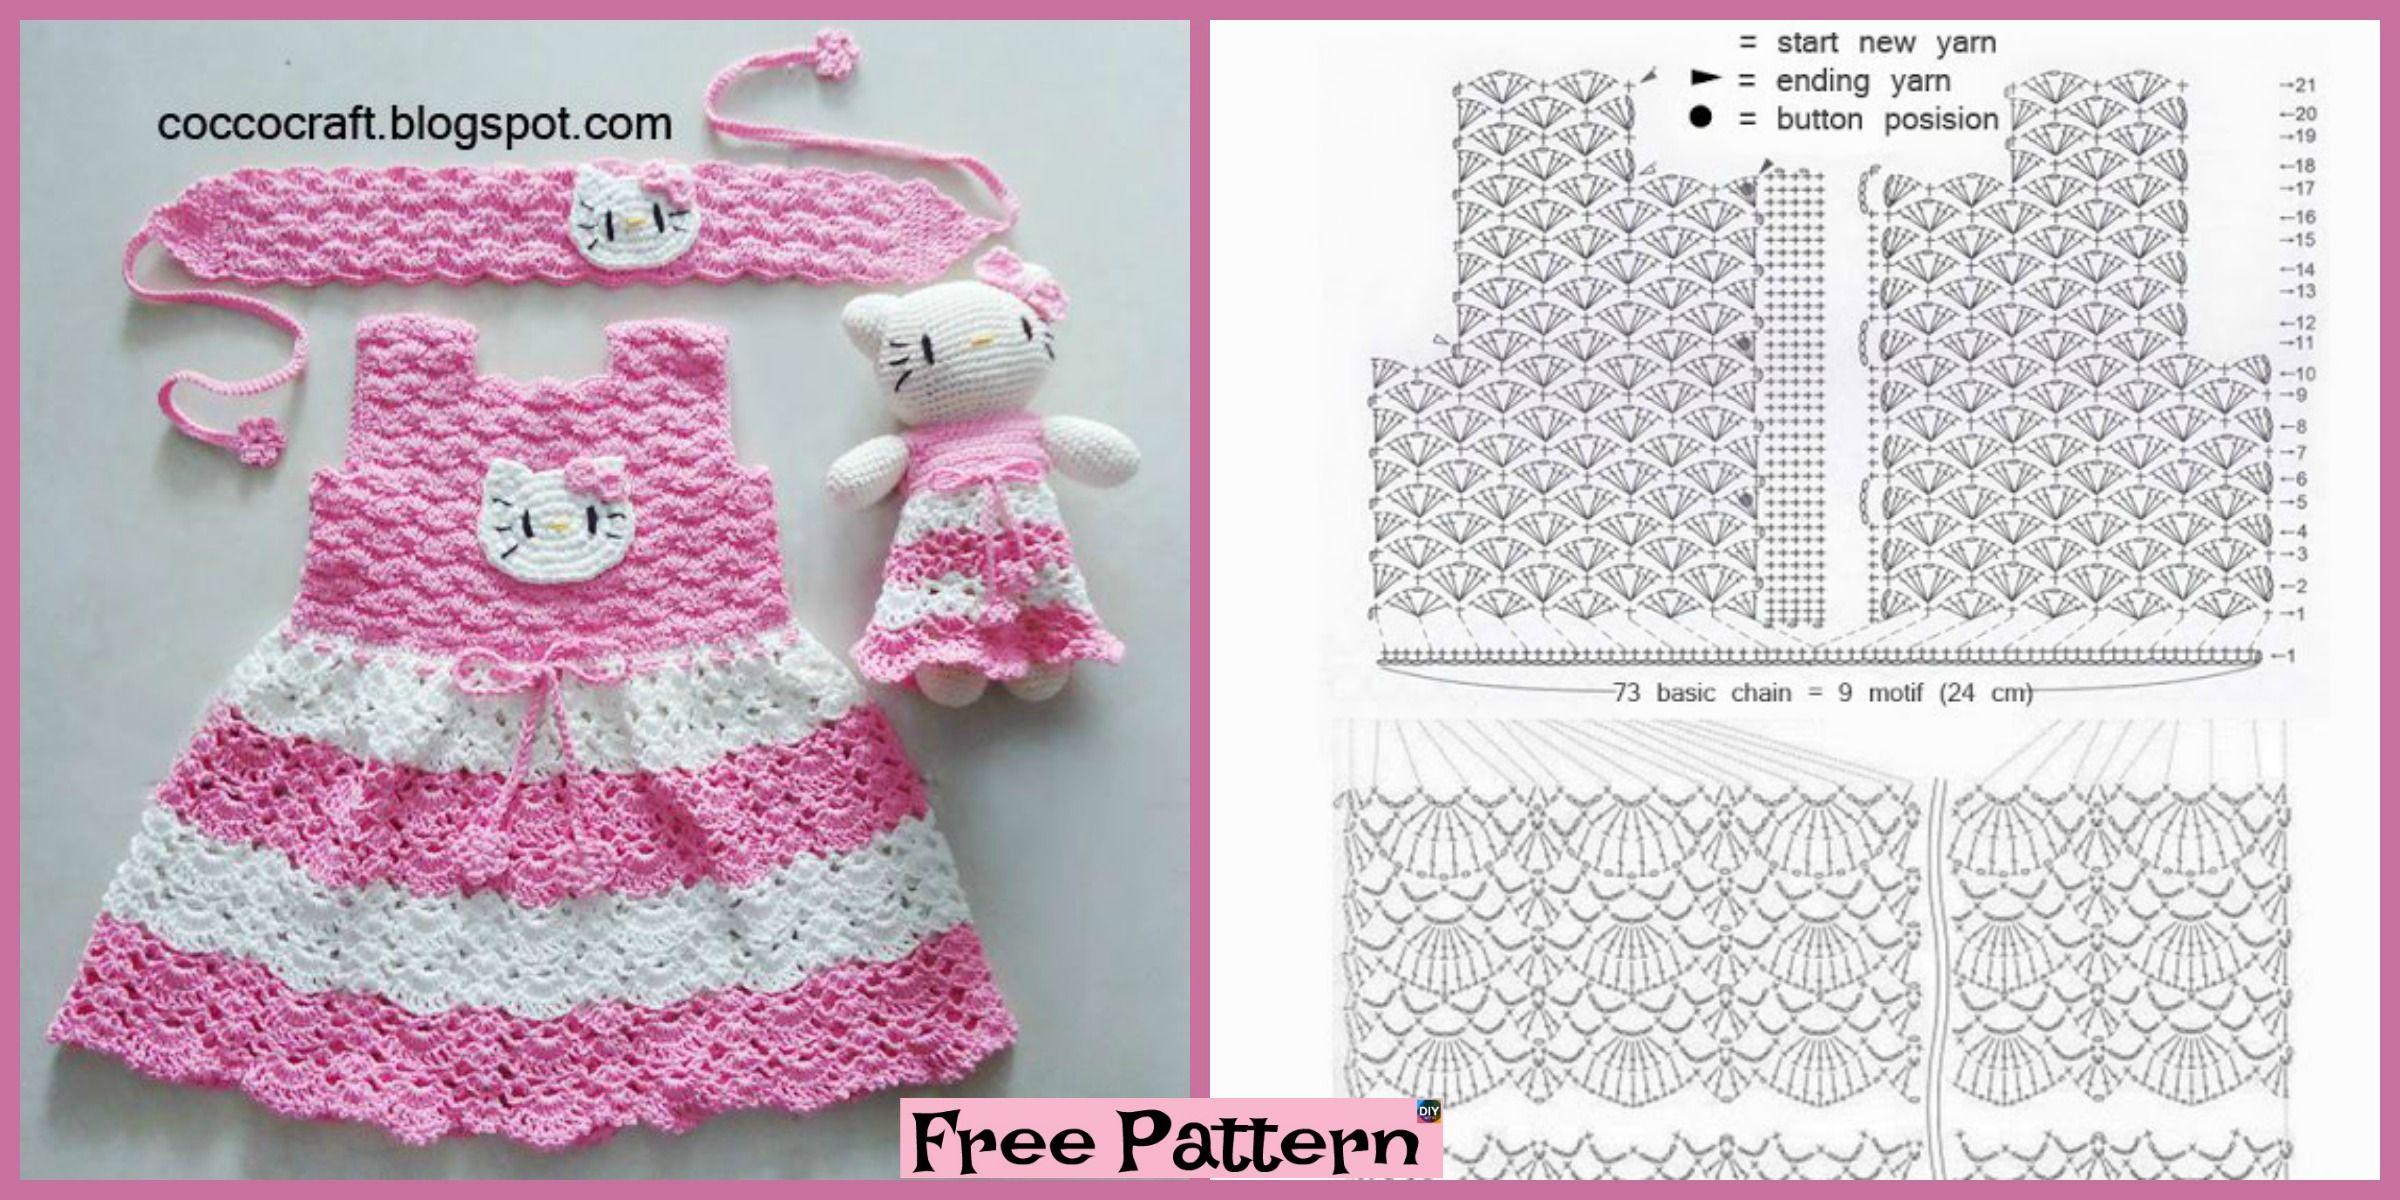 MANUALIDADES DE LANA: VESTIDO HELLO KITTY DE CROCHET 13167   Crochet ...